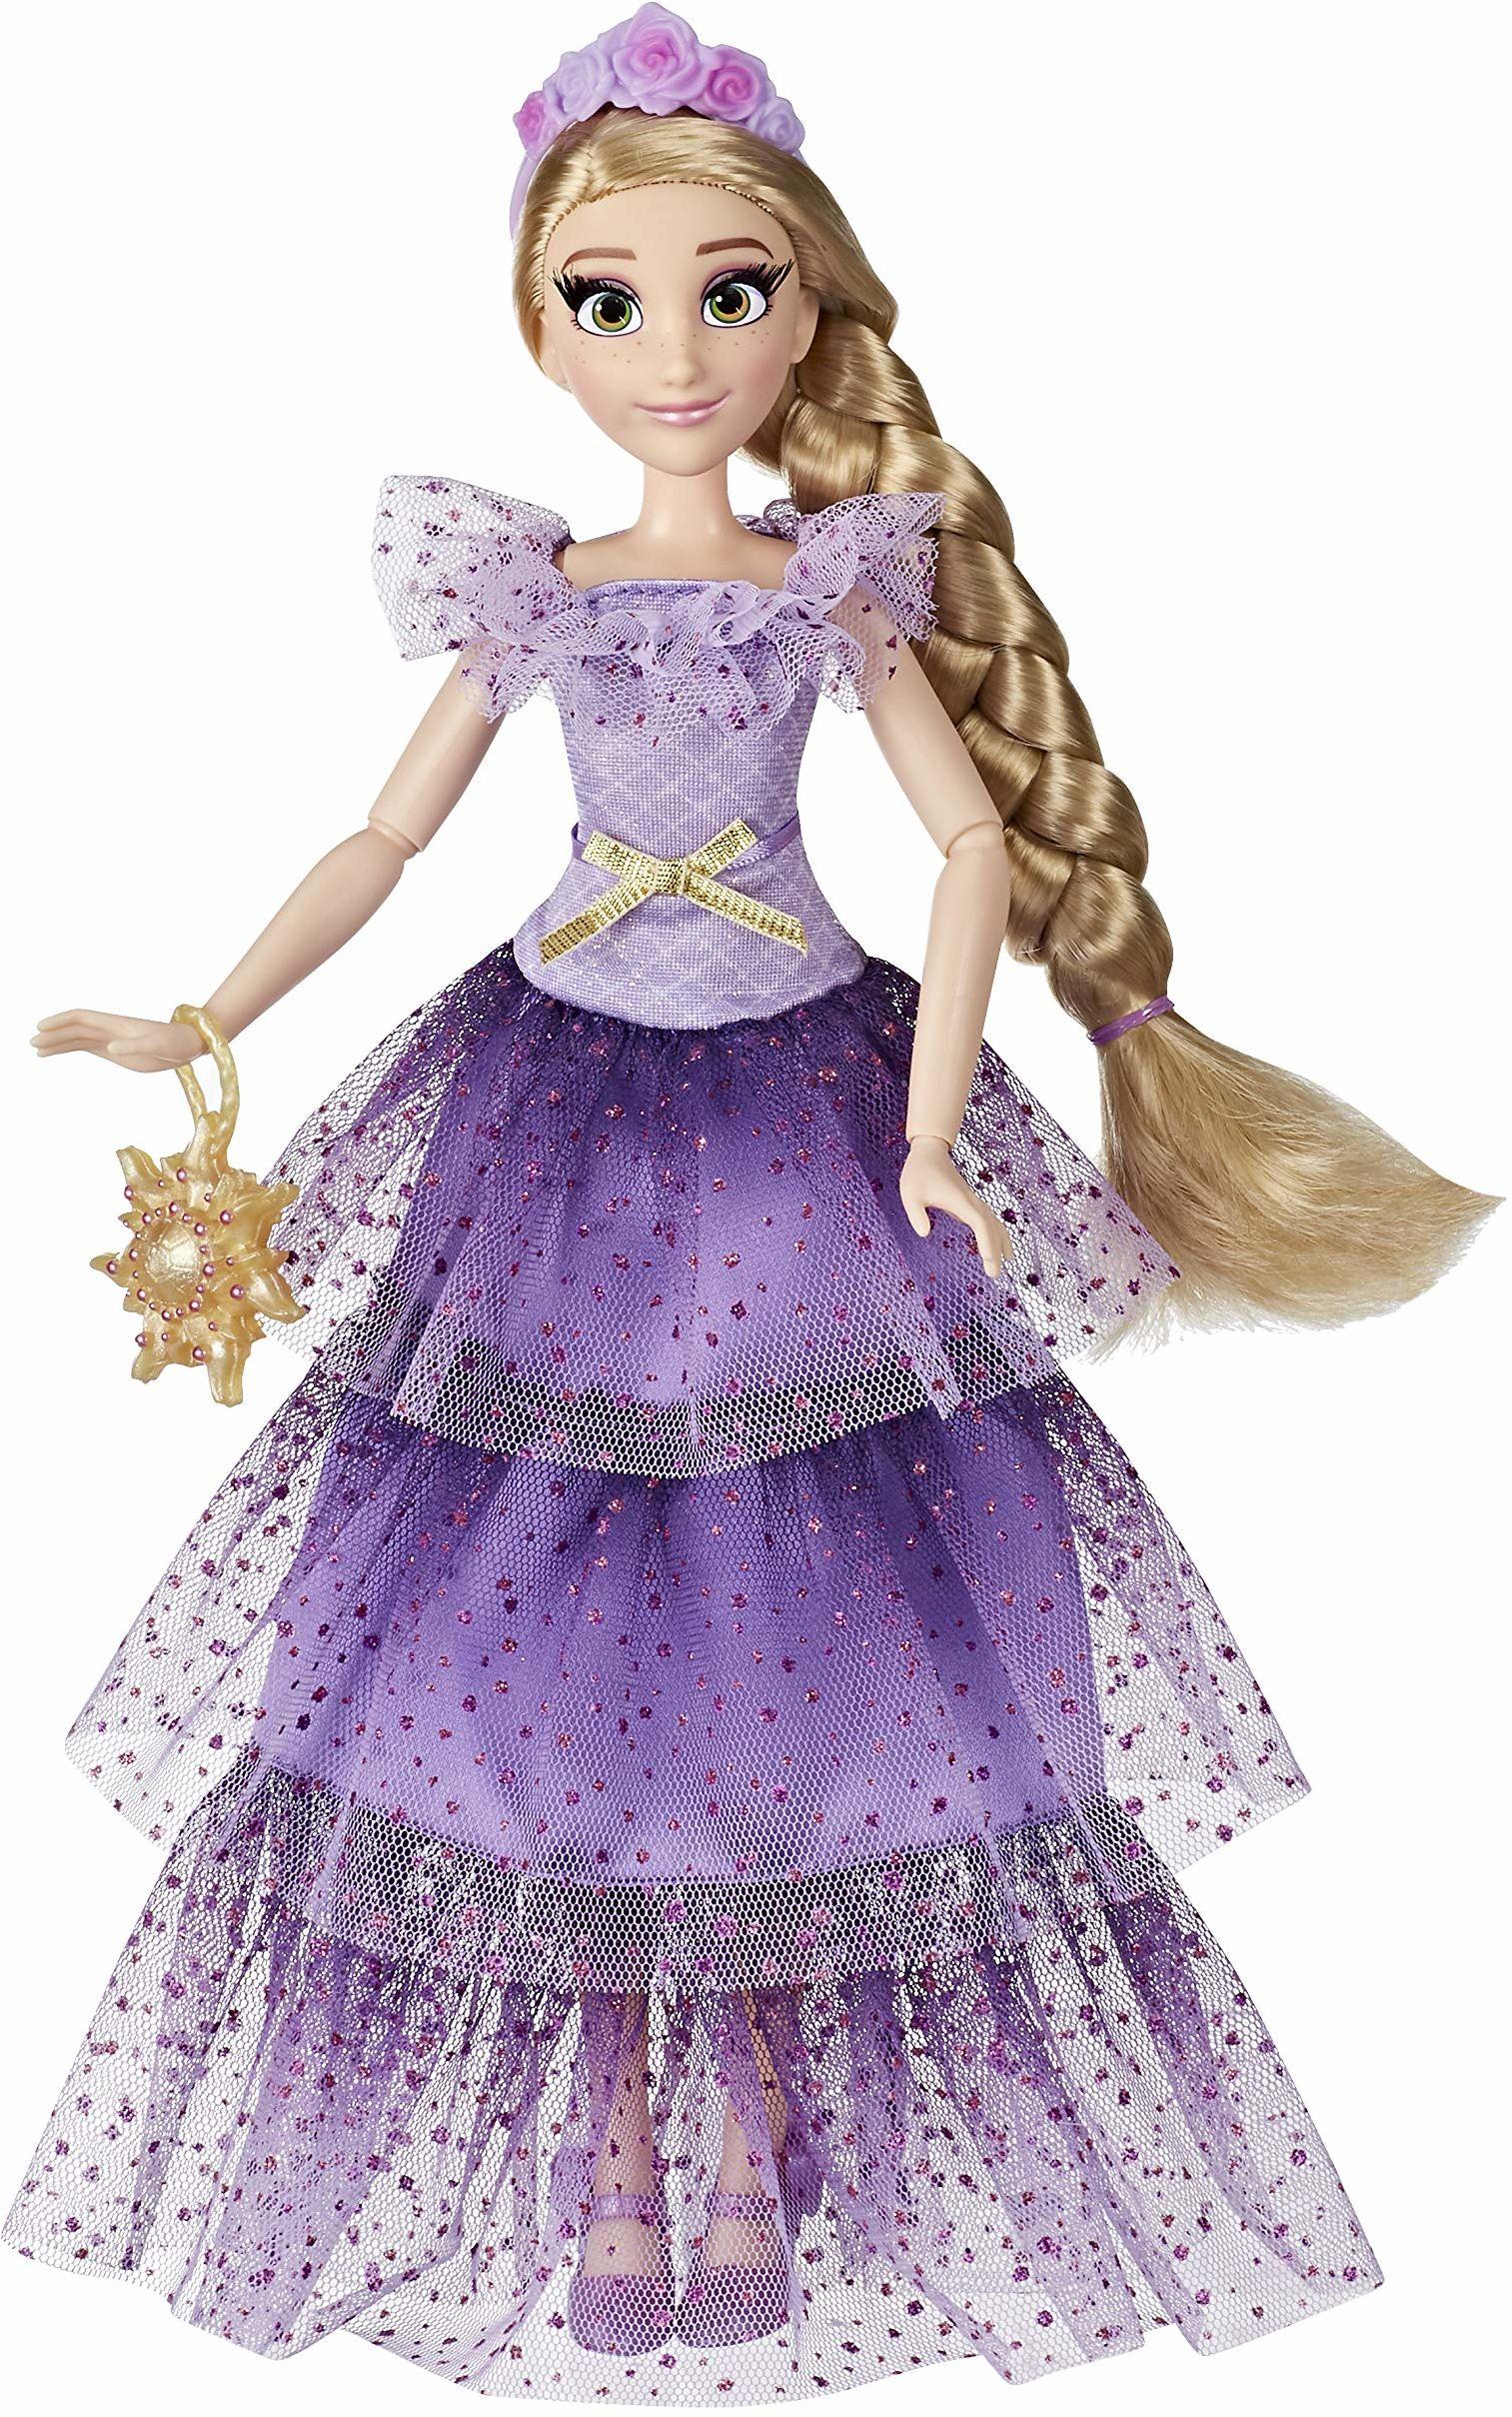 Hasbro Disney Prinzessinnen Seria Style Roszpunzel modna lalka, nowoczesna suknia wieczorowa z opaską na włosy, torebka i buty, dla dziewczynek od 6 lat